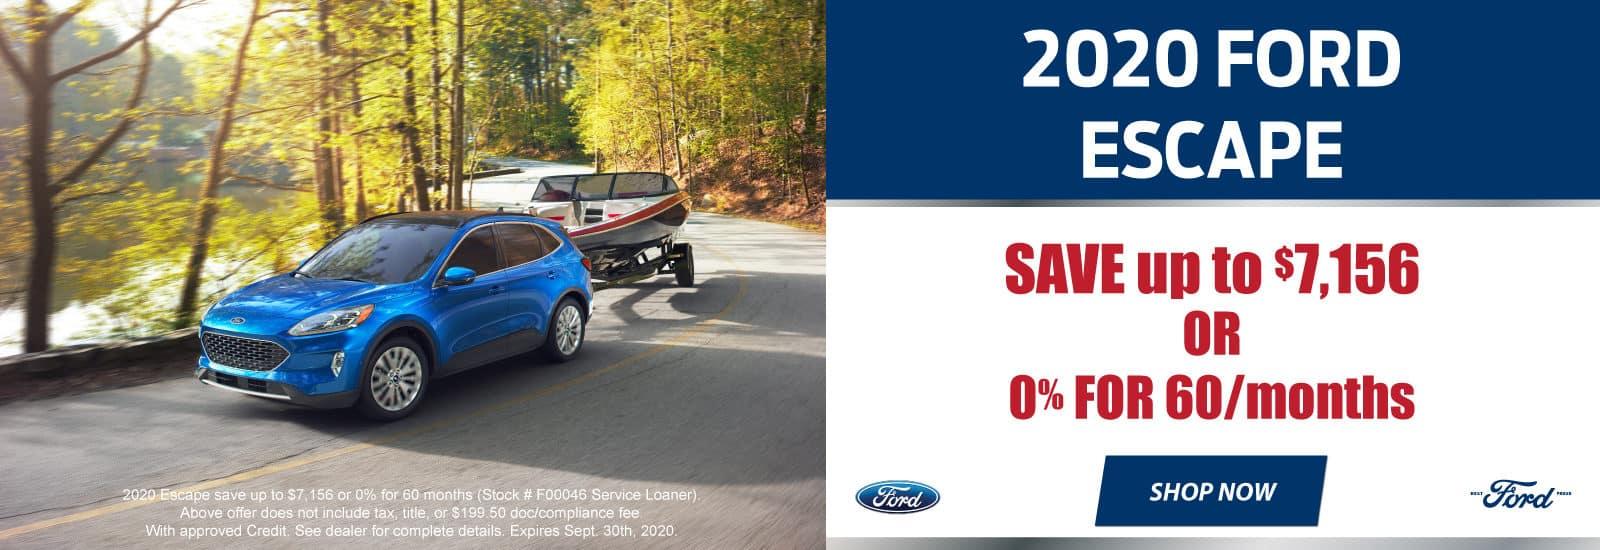 2020-Ford-Escape-Web-Banner-1600×550